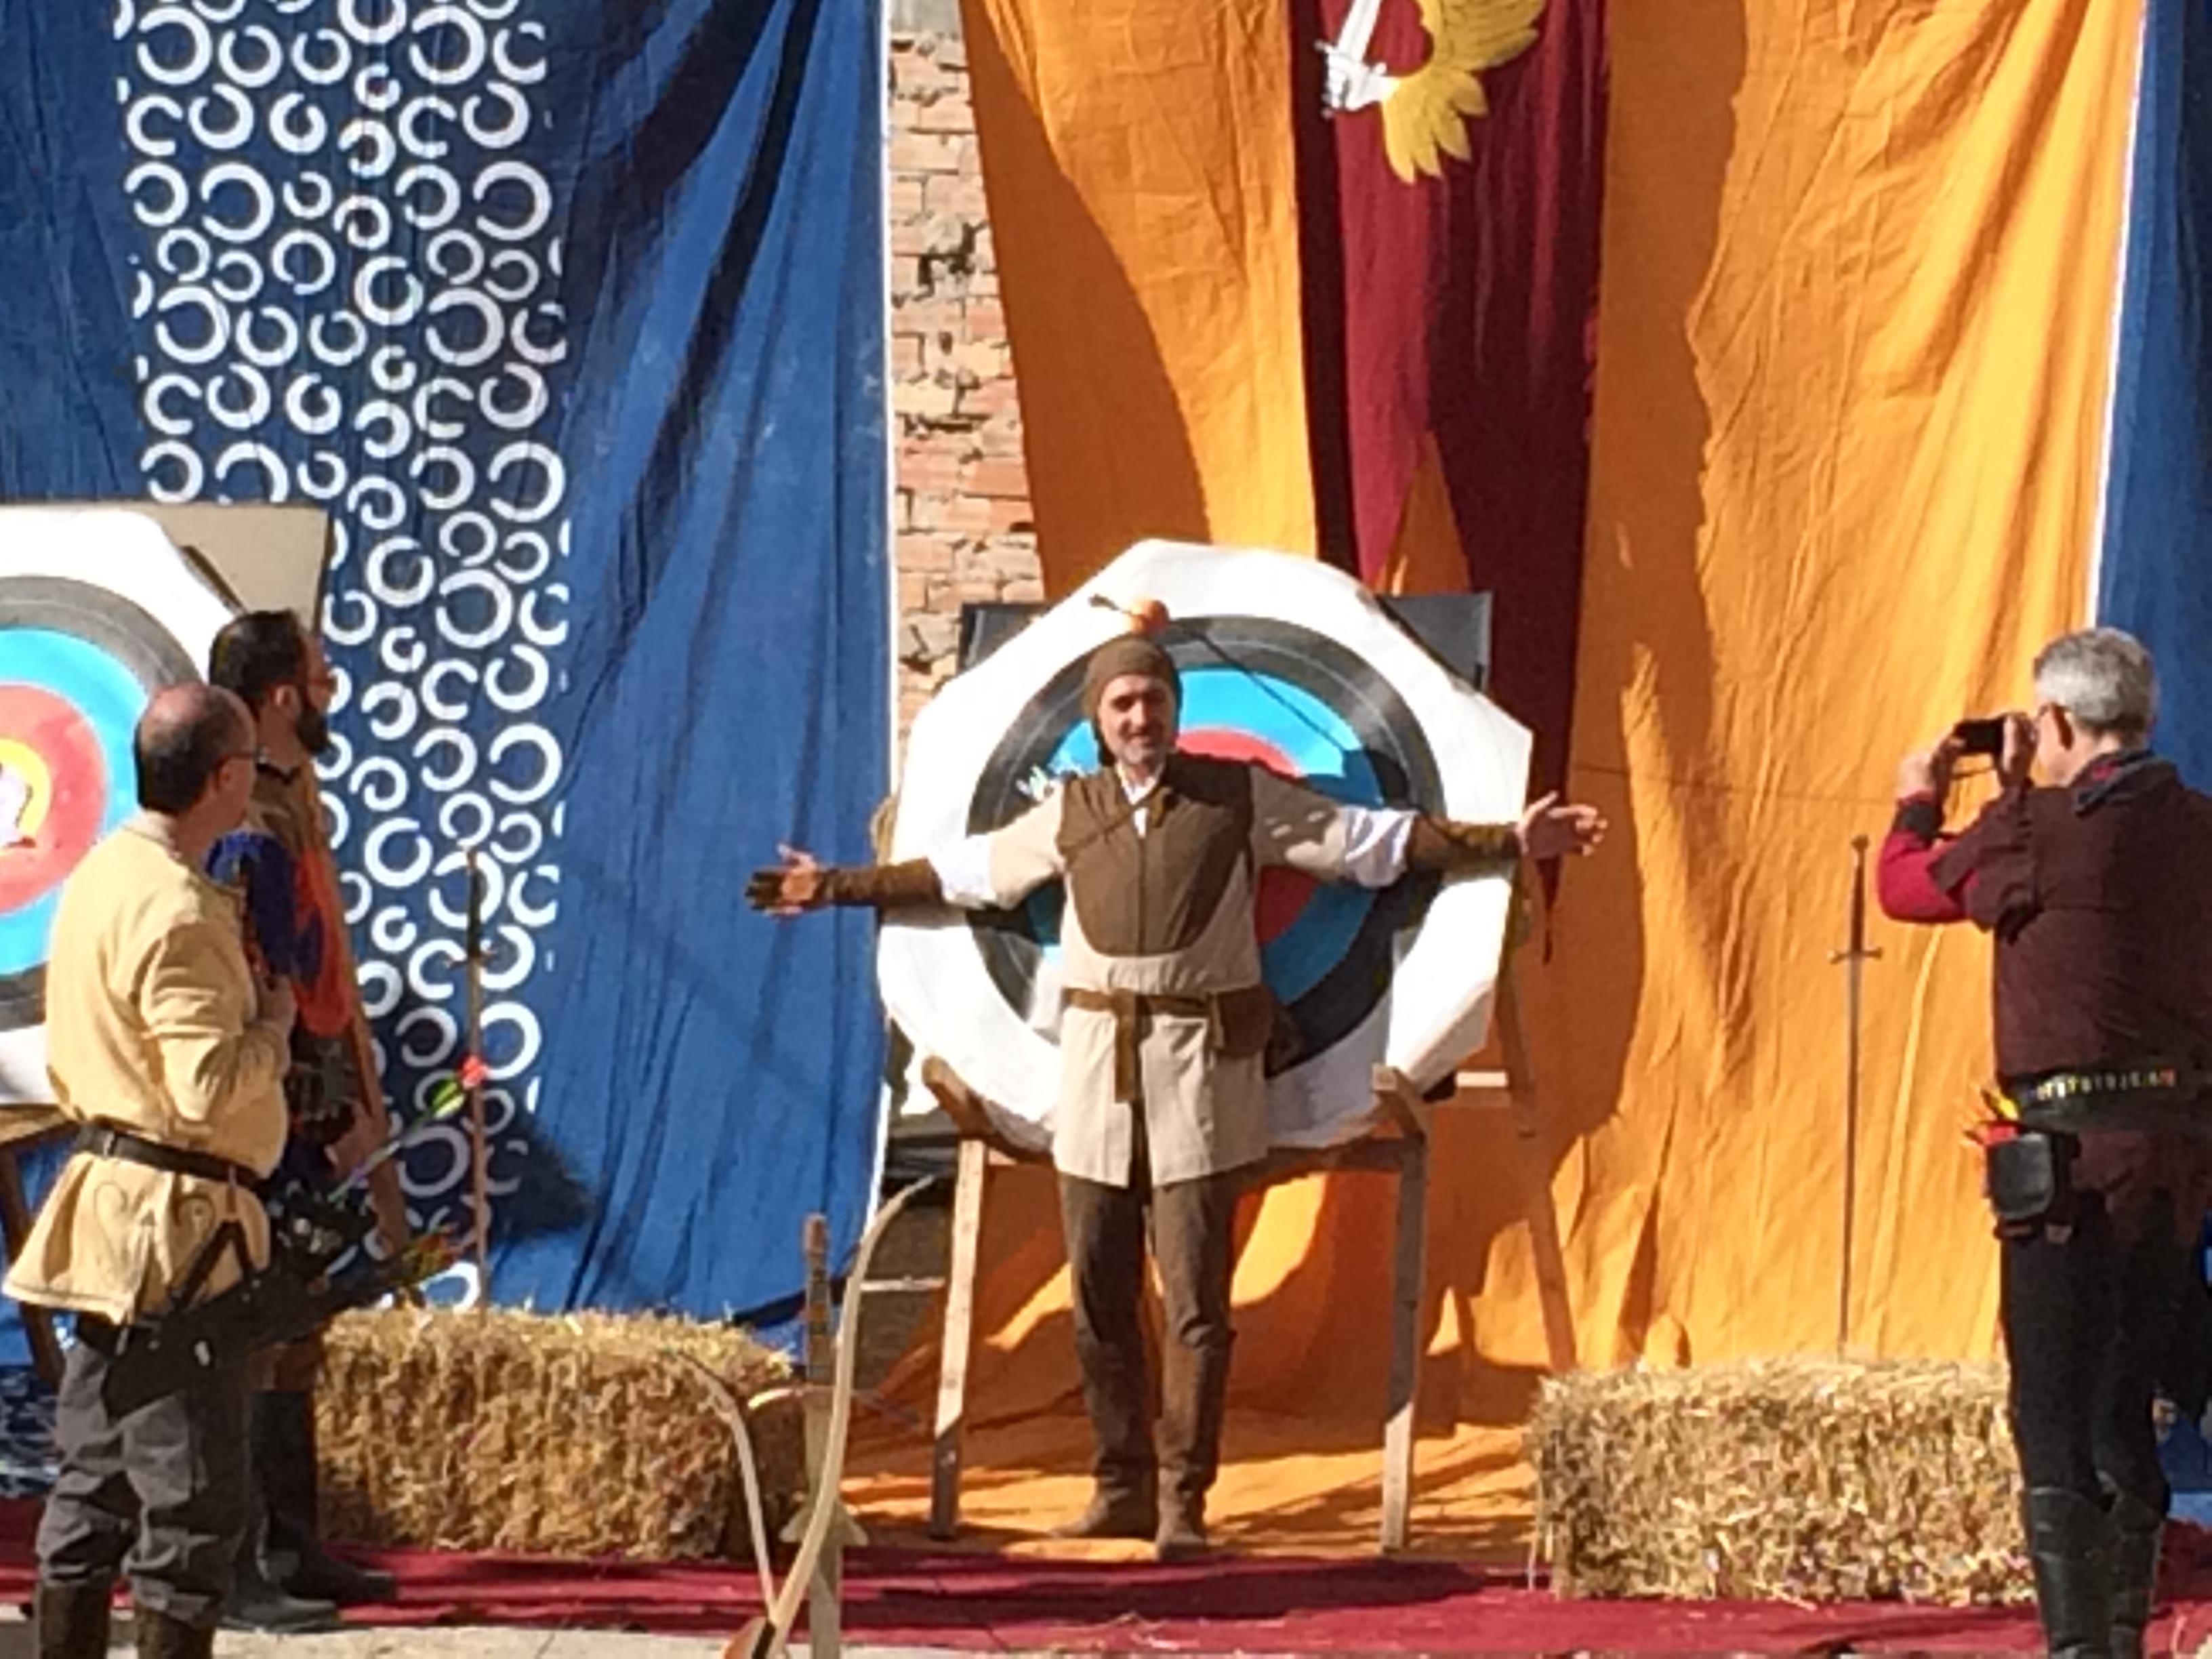 Mittelalterfest Medievovon Villena (Costa Blanca - Spanien)